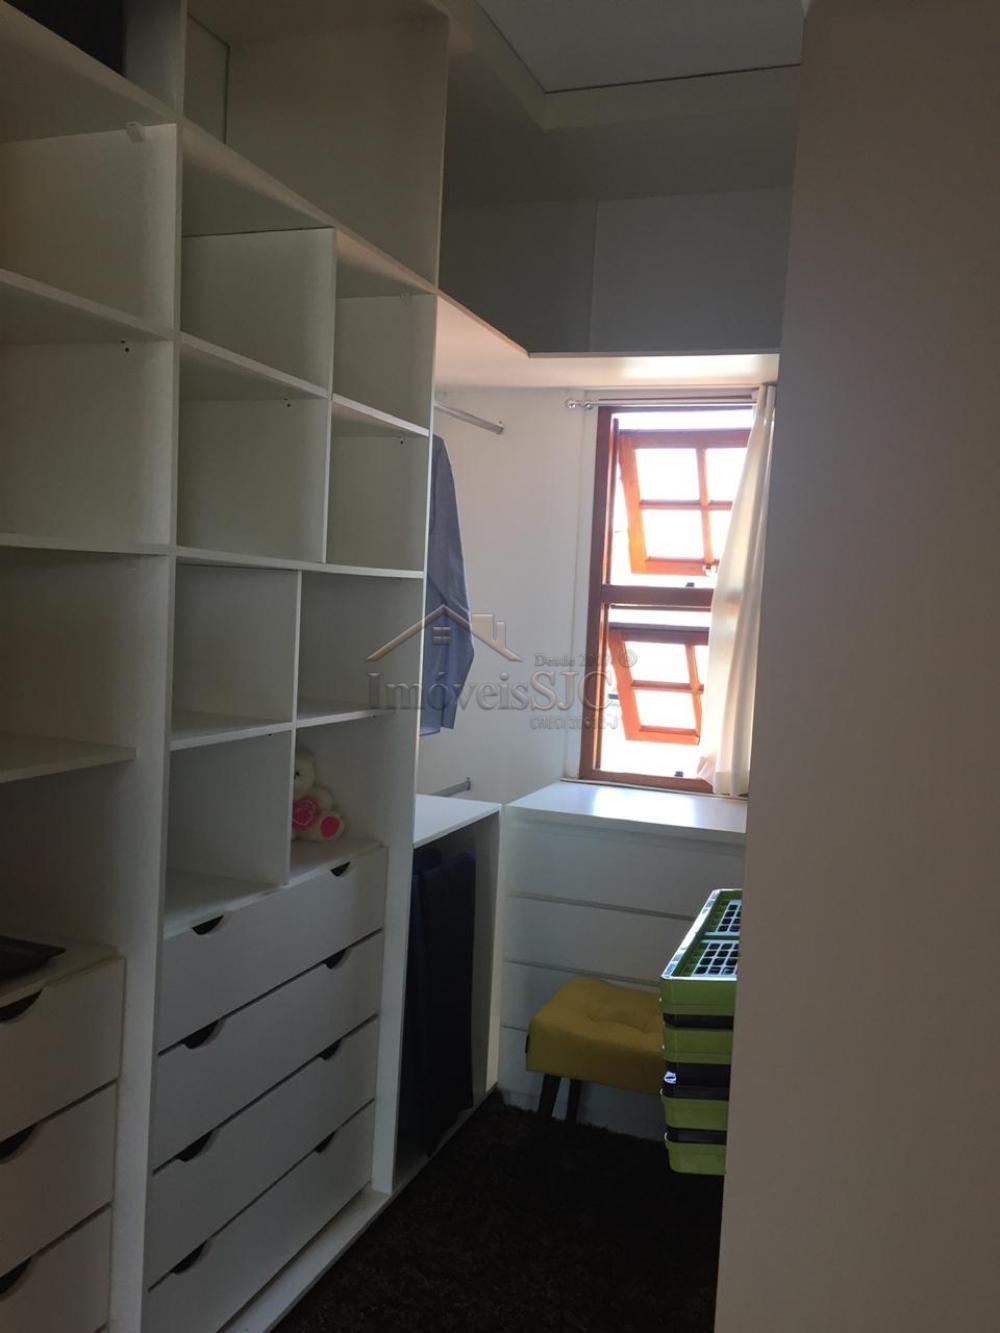 Comprar Casas / Padrão em Jacareí apenas R$ 600.000,00 - Foto 41